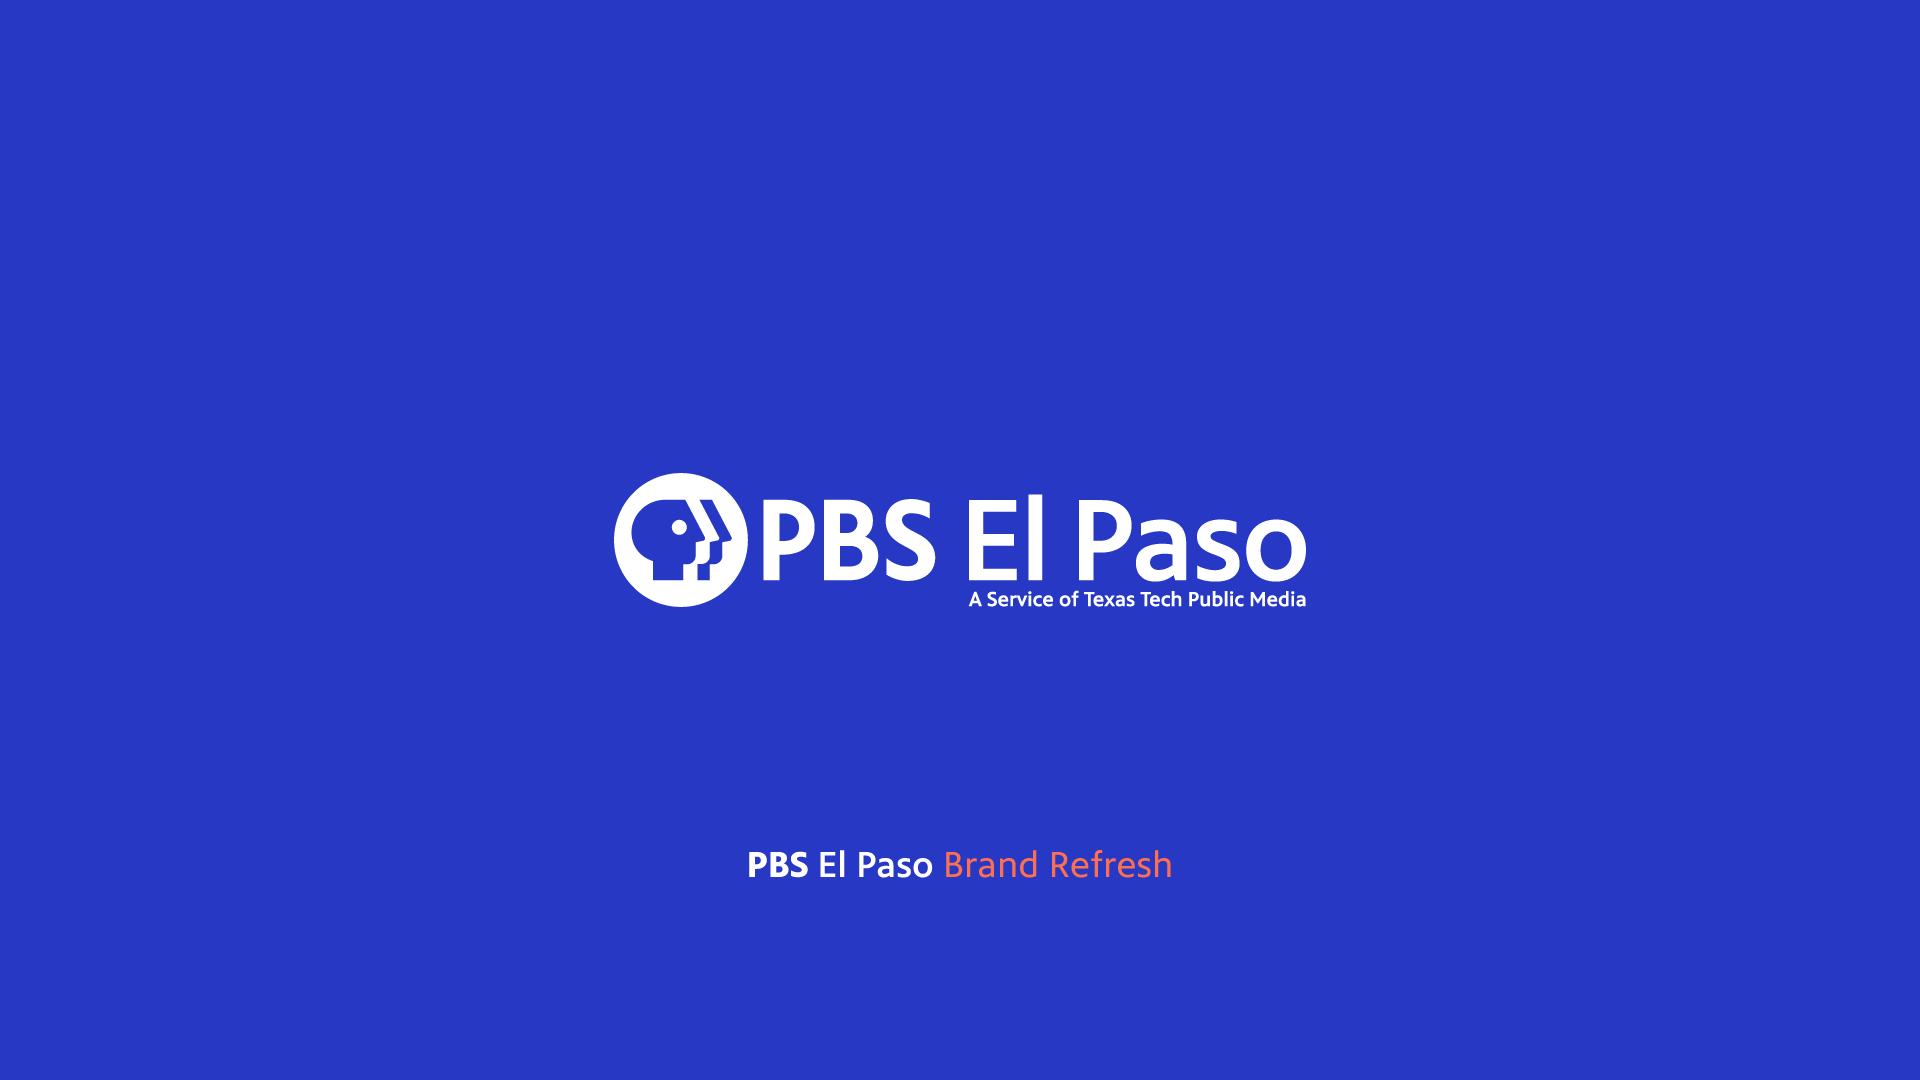 PBS El Paso Brand Refresh